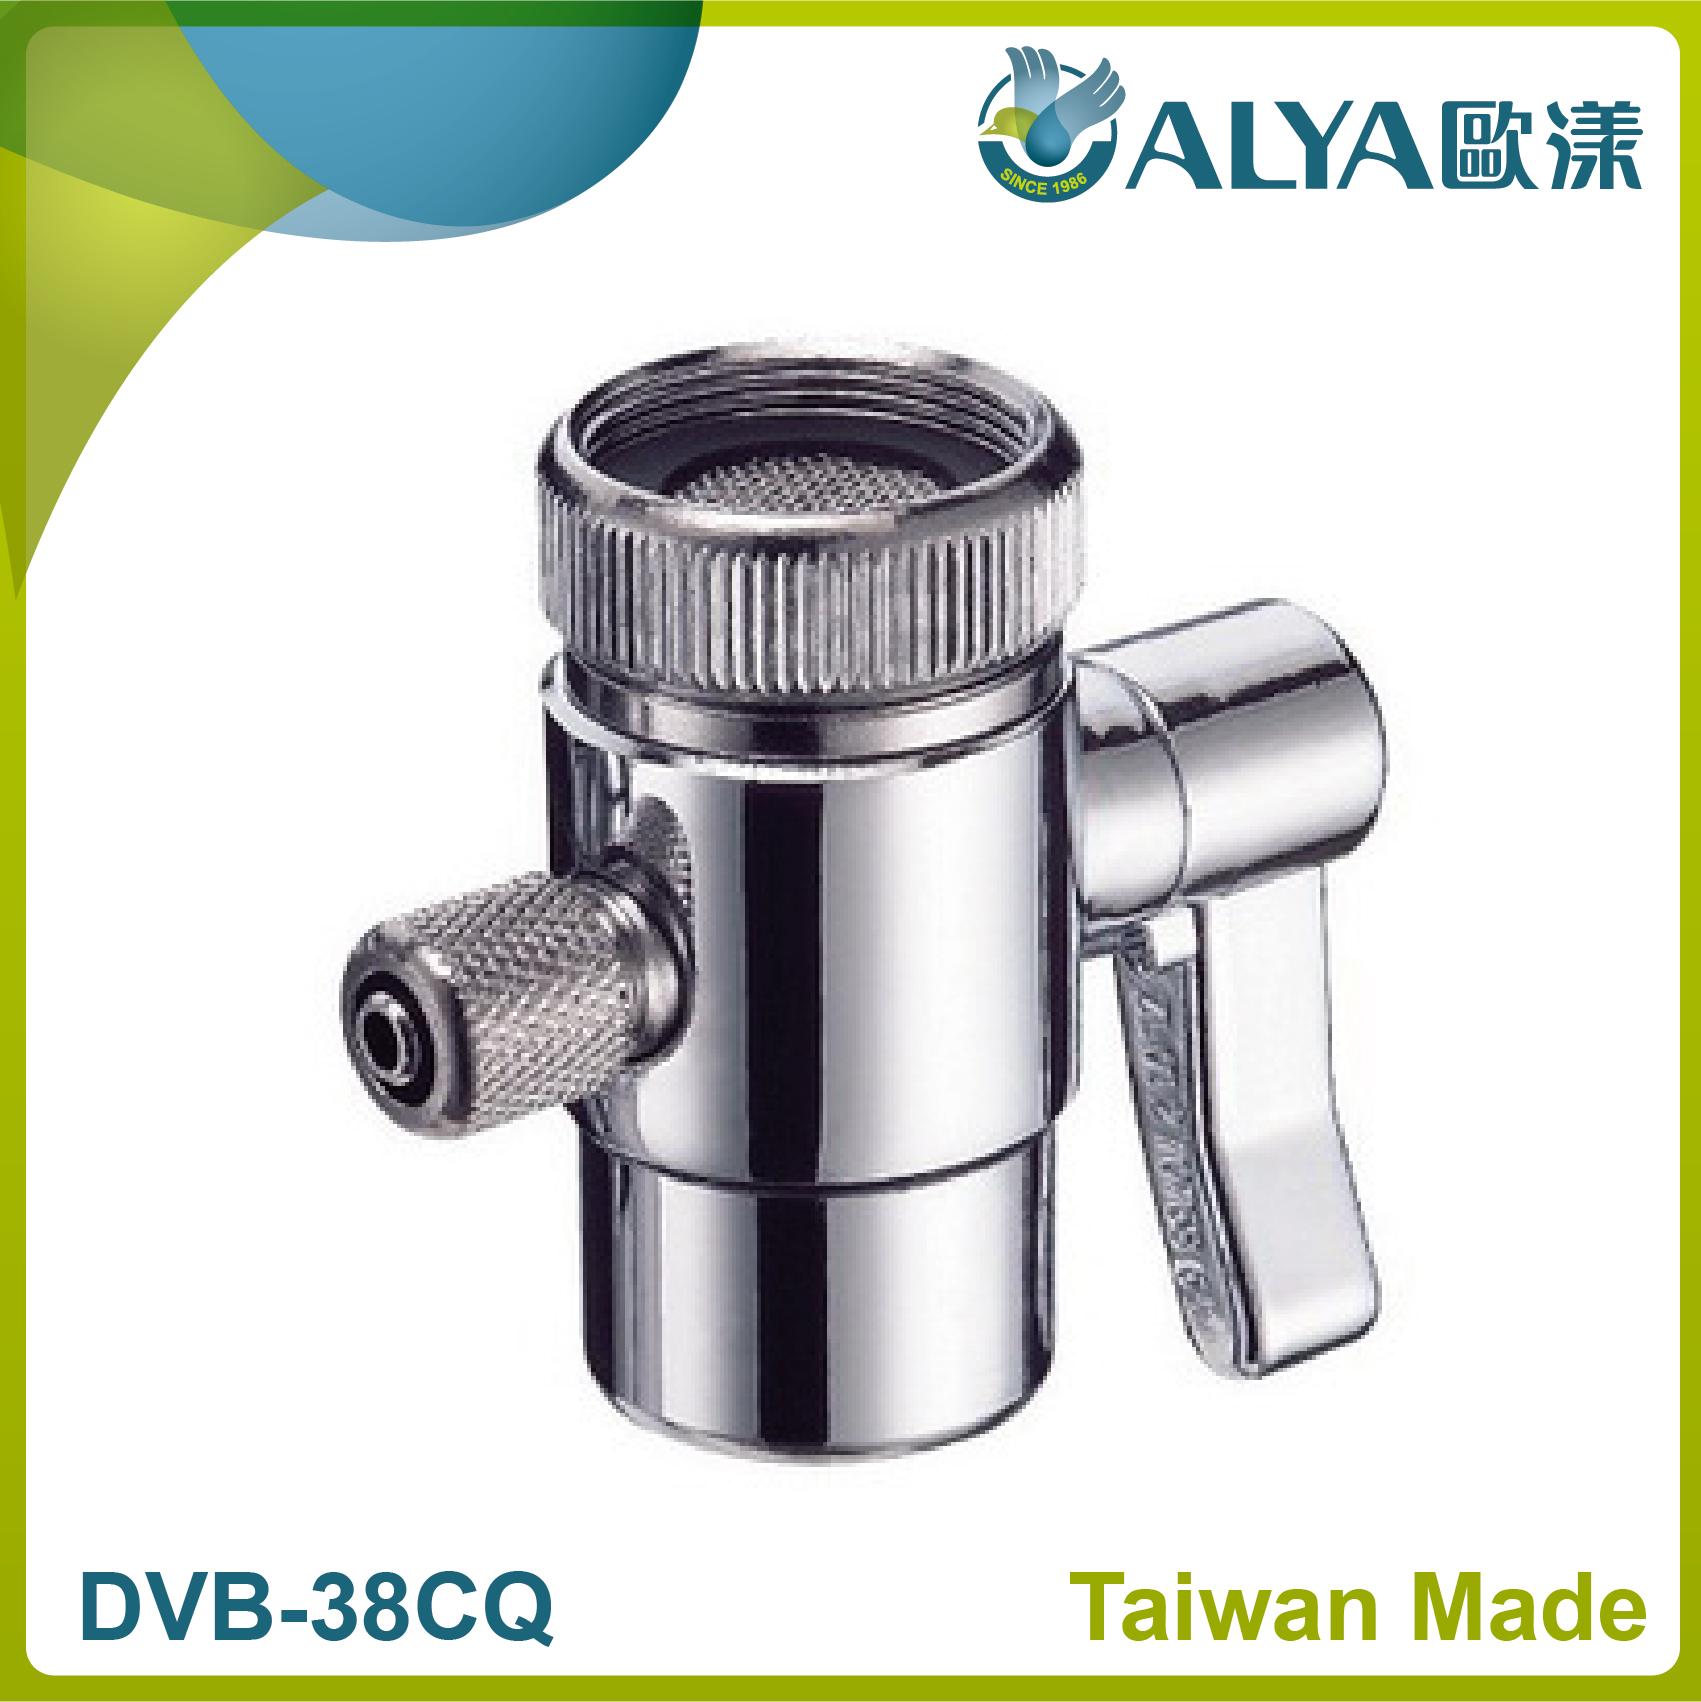 Water Diverter Valve-DVB-38CQ